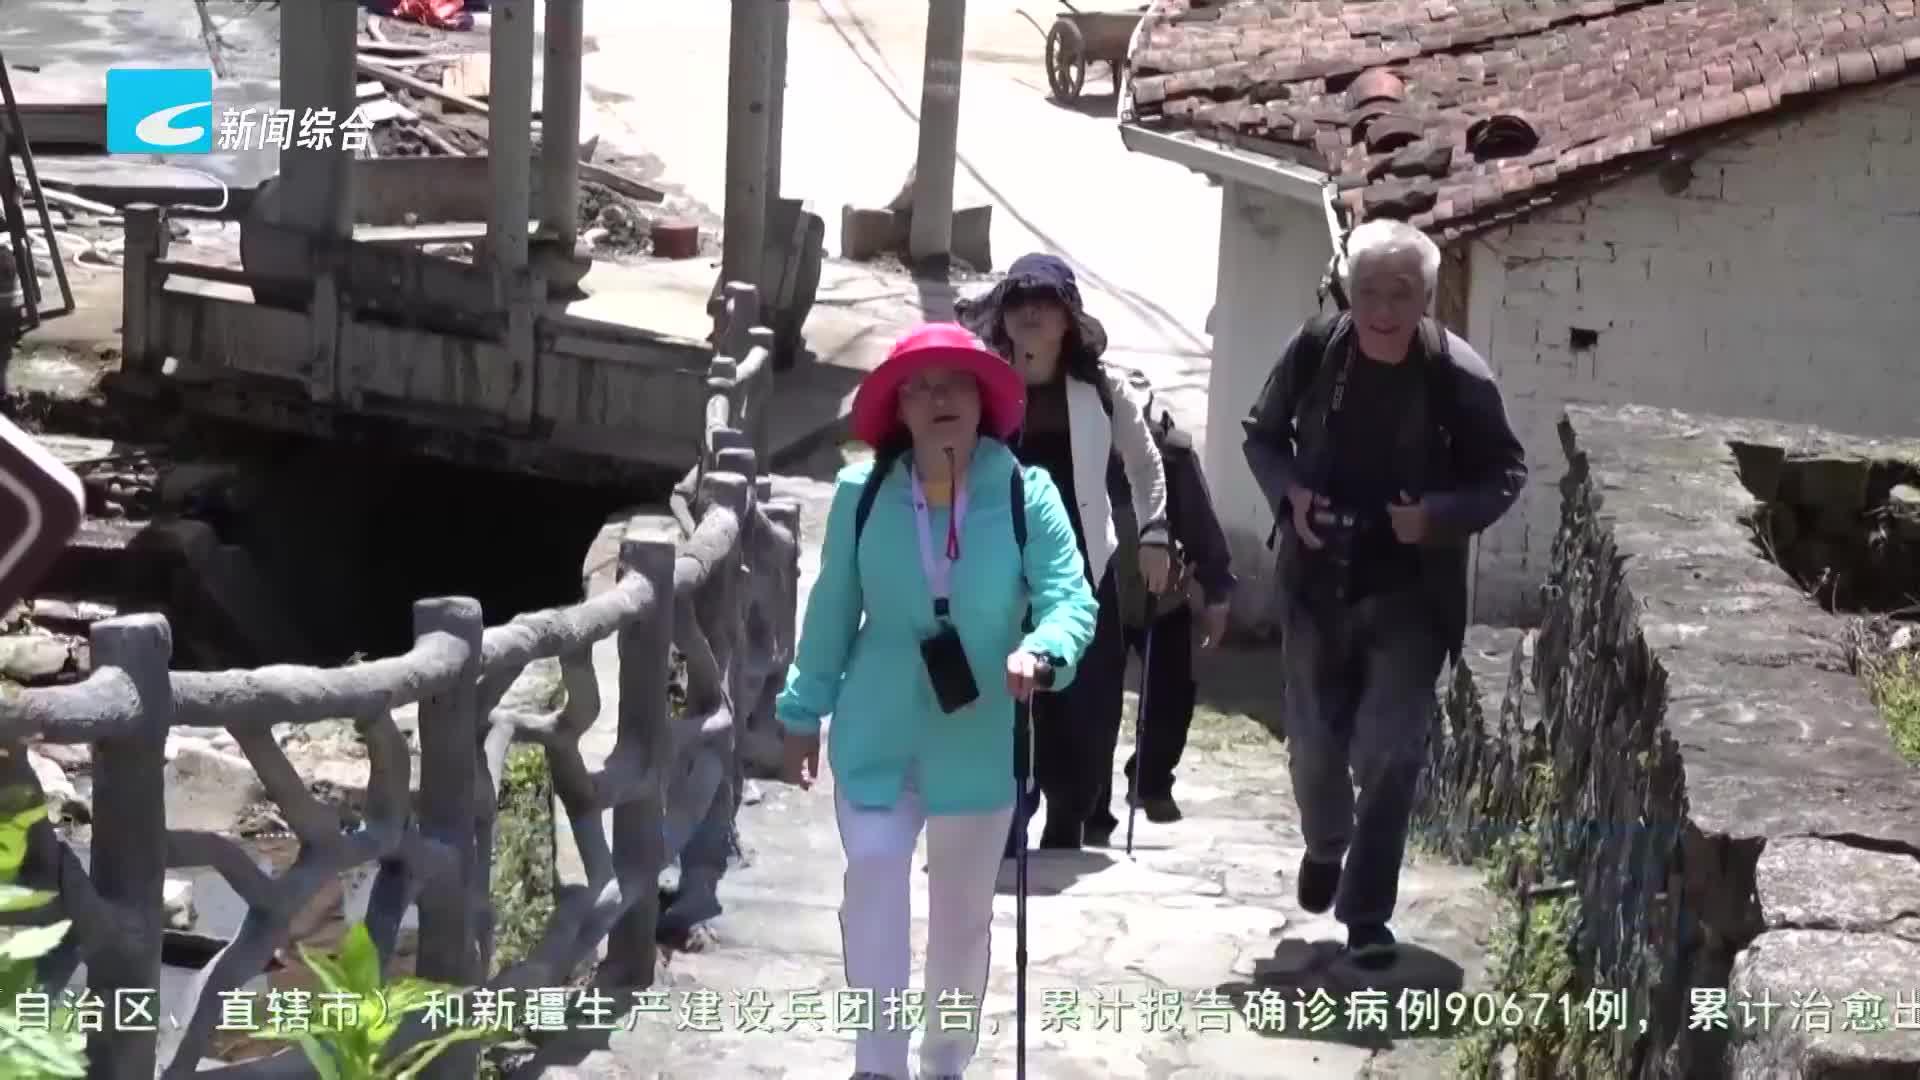 五一假期:文明旅游:遂昌反诈骗宣传进景区